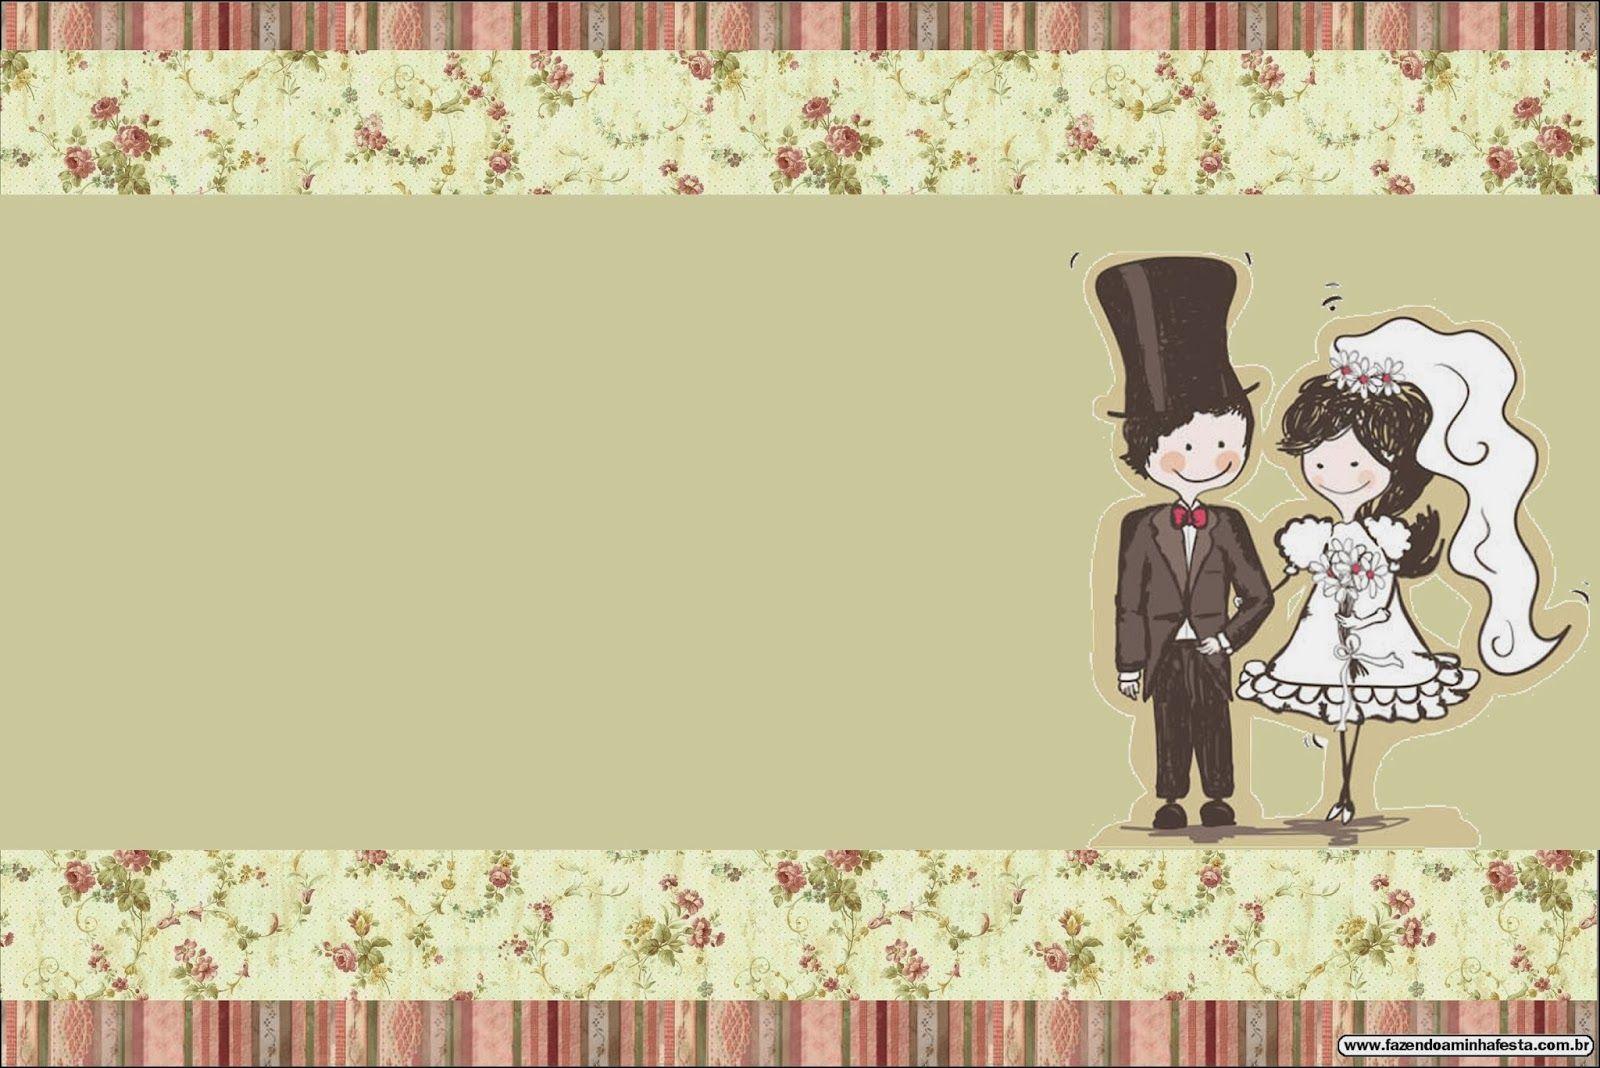 Bodas: Pareja con fondo provenzal. Tarjetas o Invitaciones para Imprimir  Grat… | Invitaciones de boda, Invitaciones para imprimir gratis,  Invitaciones para imprimir